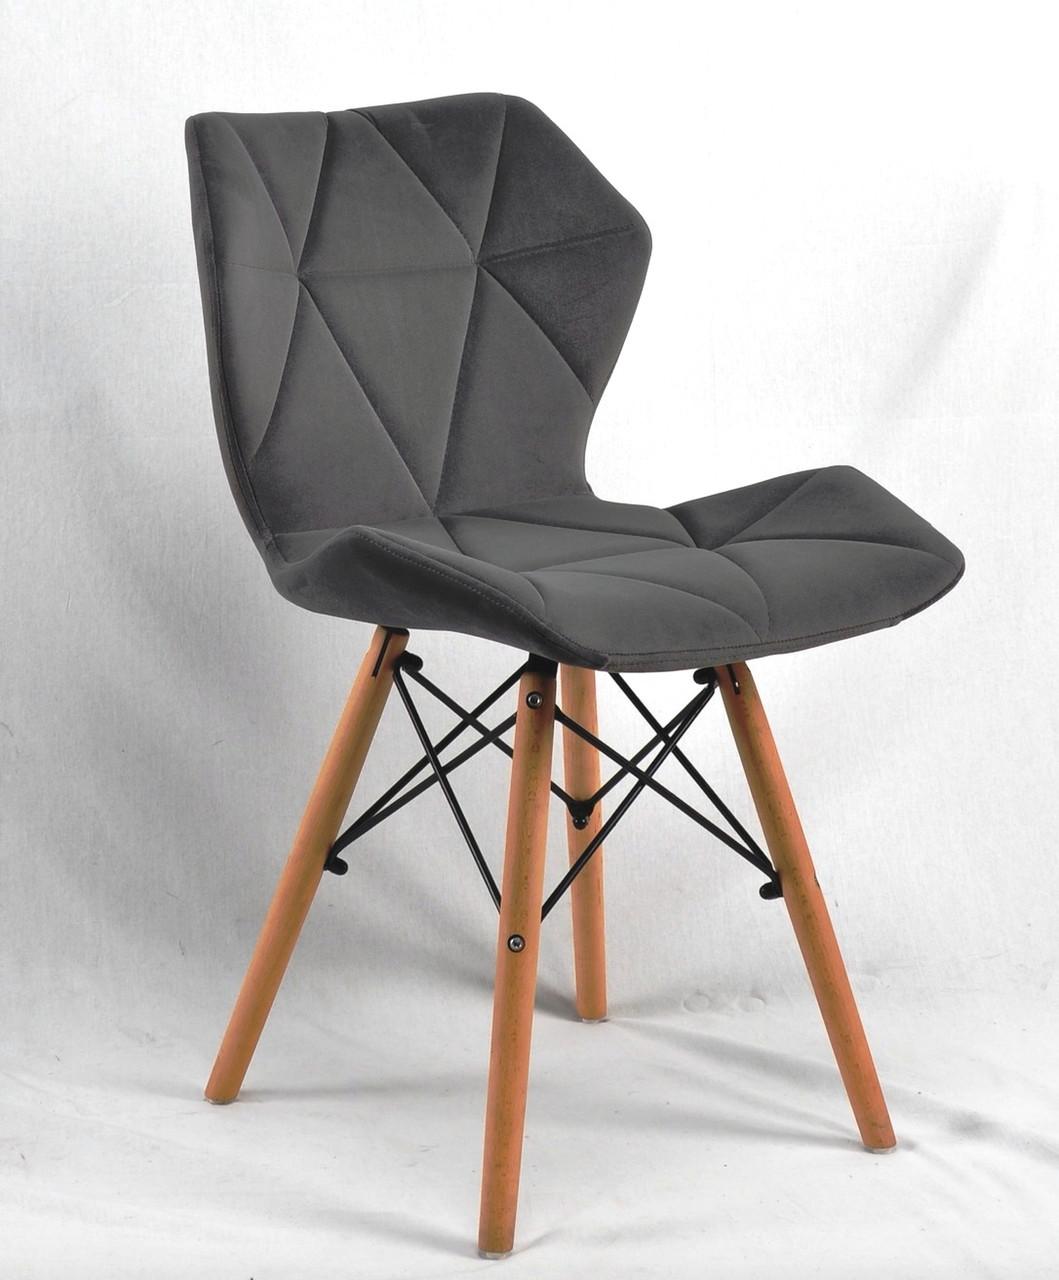 Сірий оксамитовий обідній стілець на дерев'яних ніжках з хрестовиною Greg